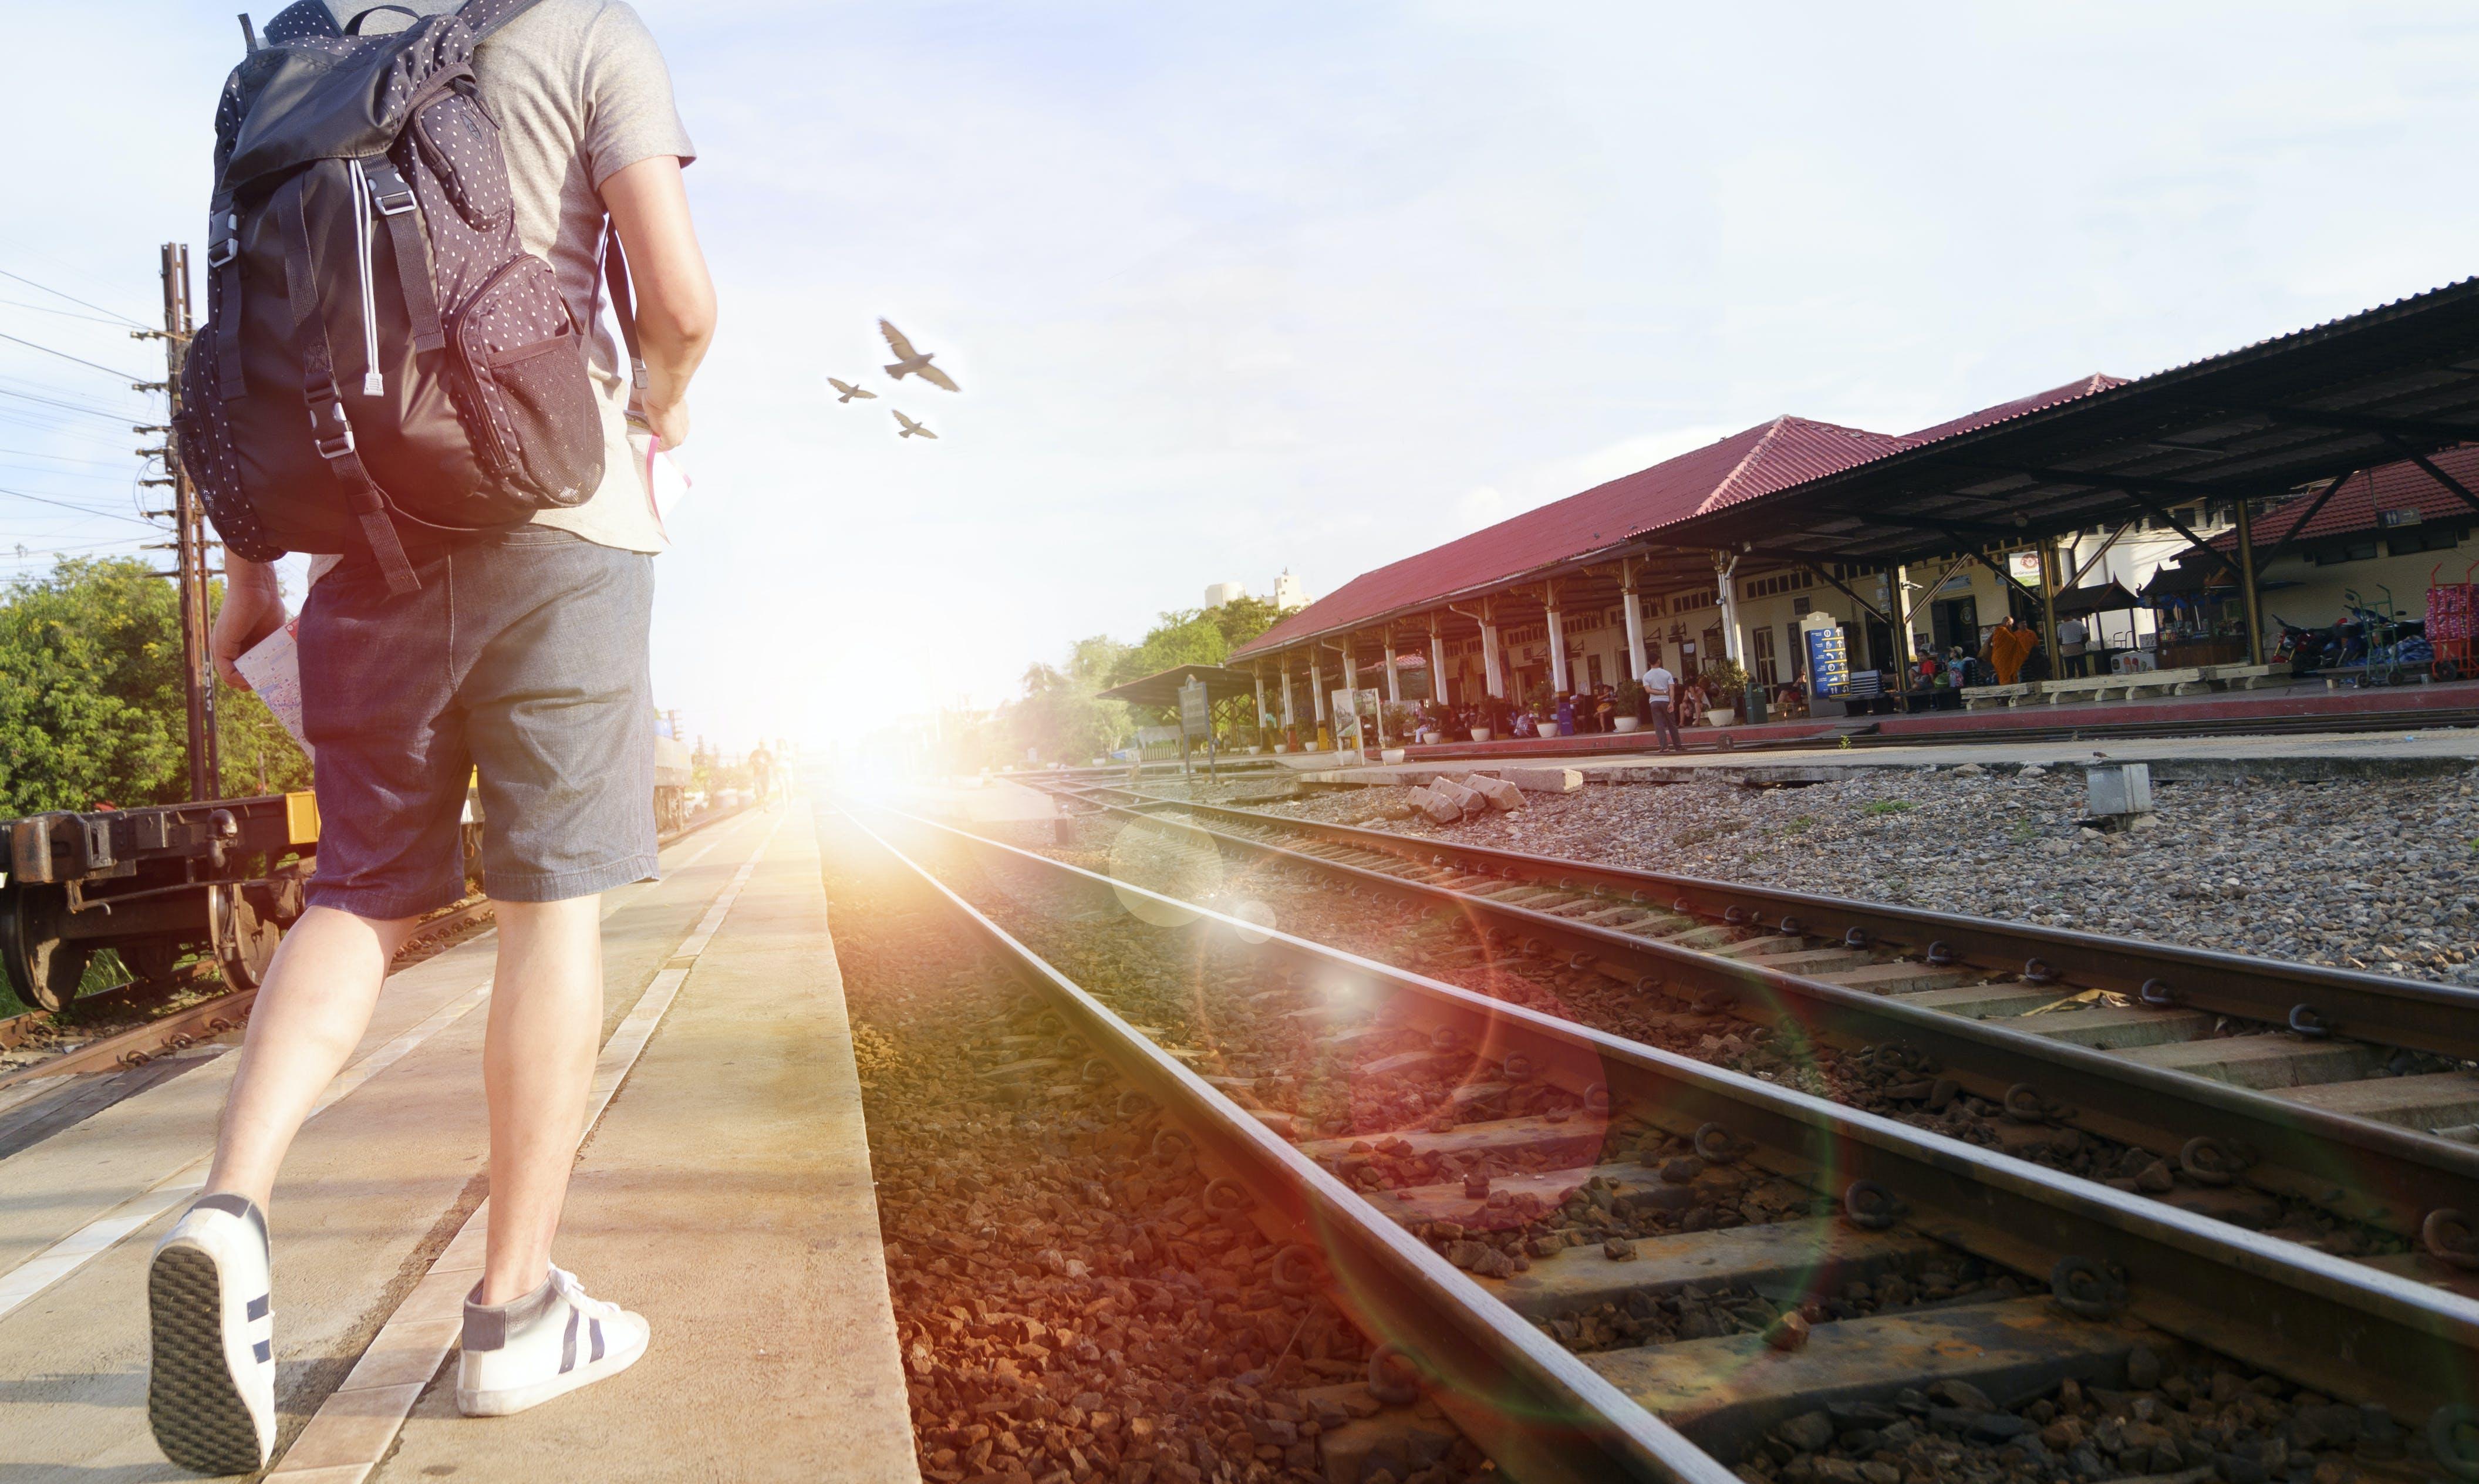 Man Walking Beside the Railway